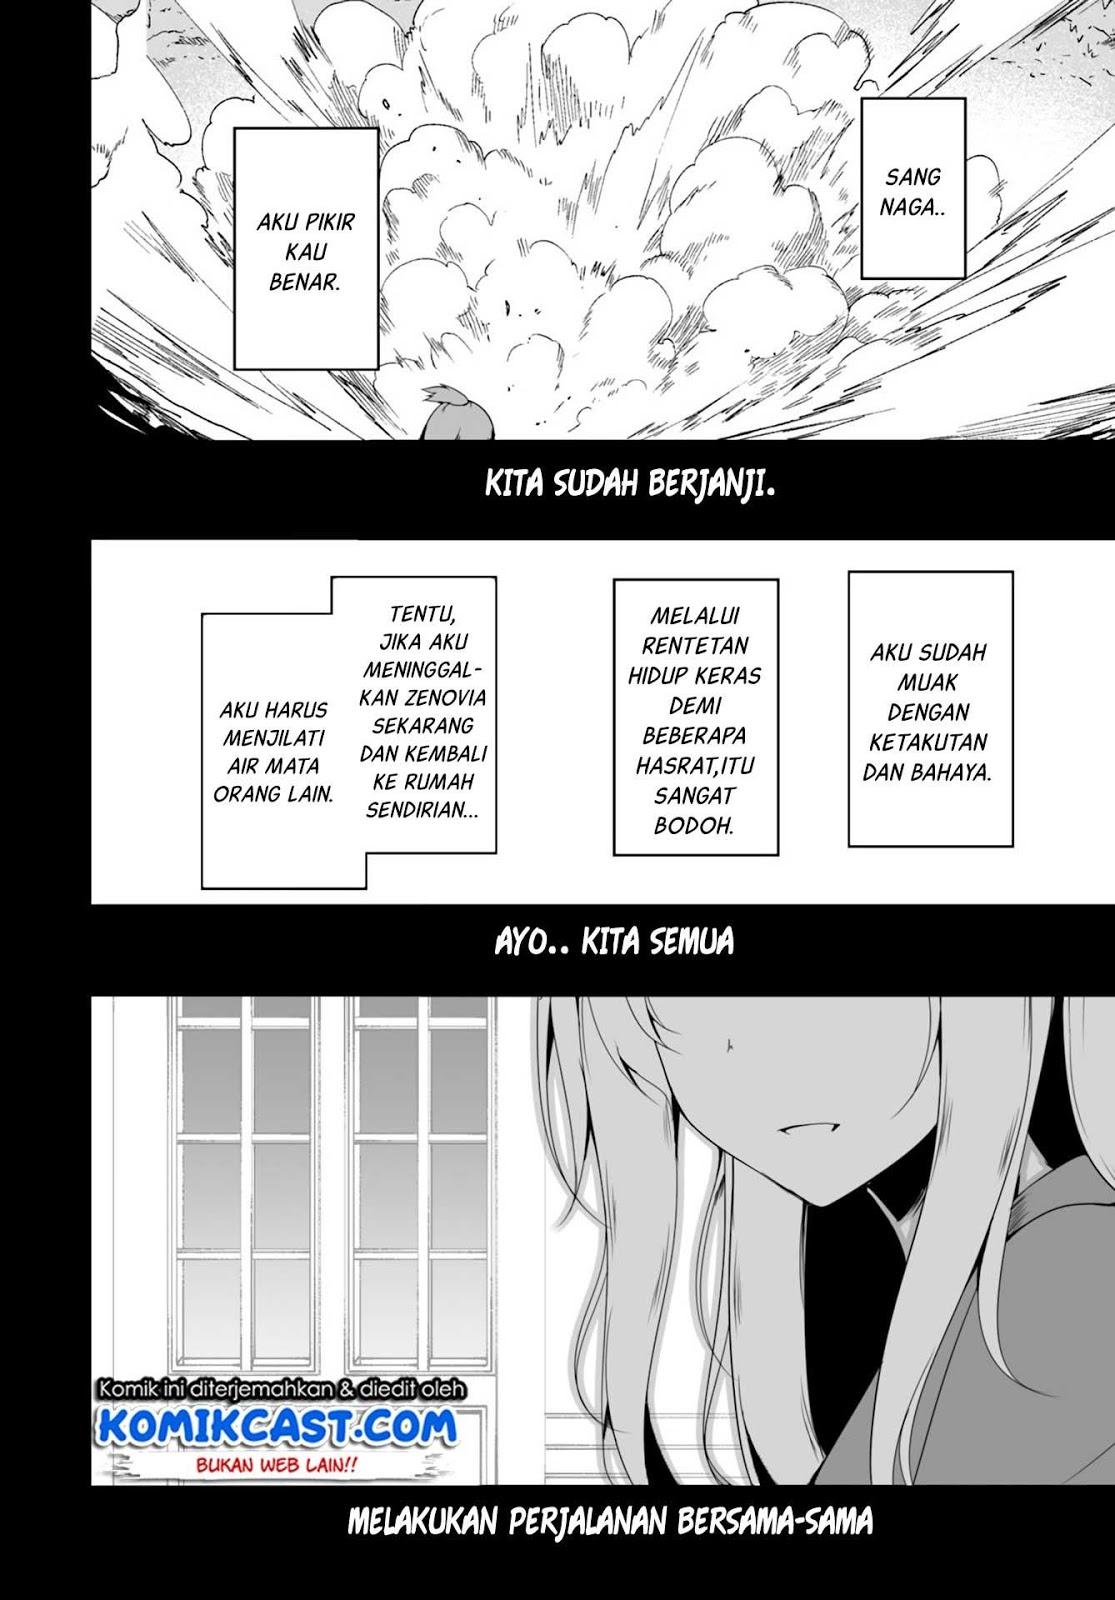 Wanwan Monogatari: Kanemochi no Inu ni Shite to wa Itta ga, Fenrir ni Shiro to wa Itte Nee!: Chapter 12.2 - Page 17